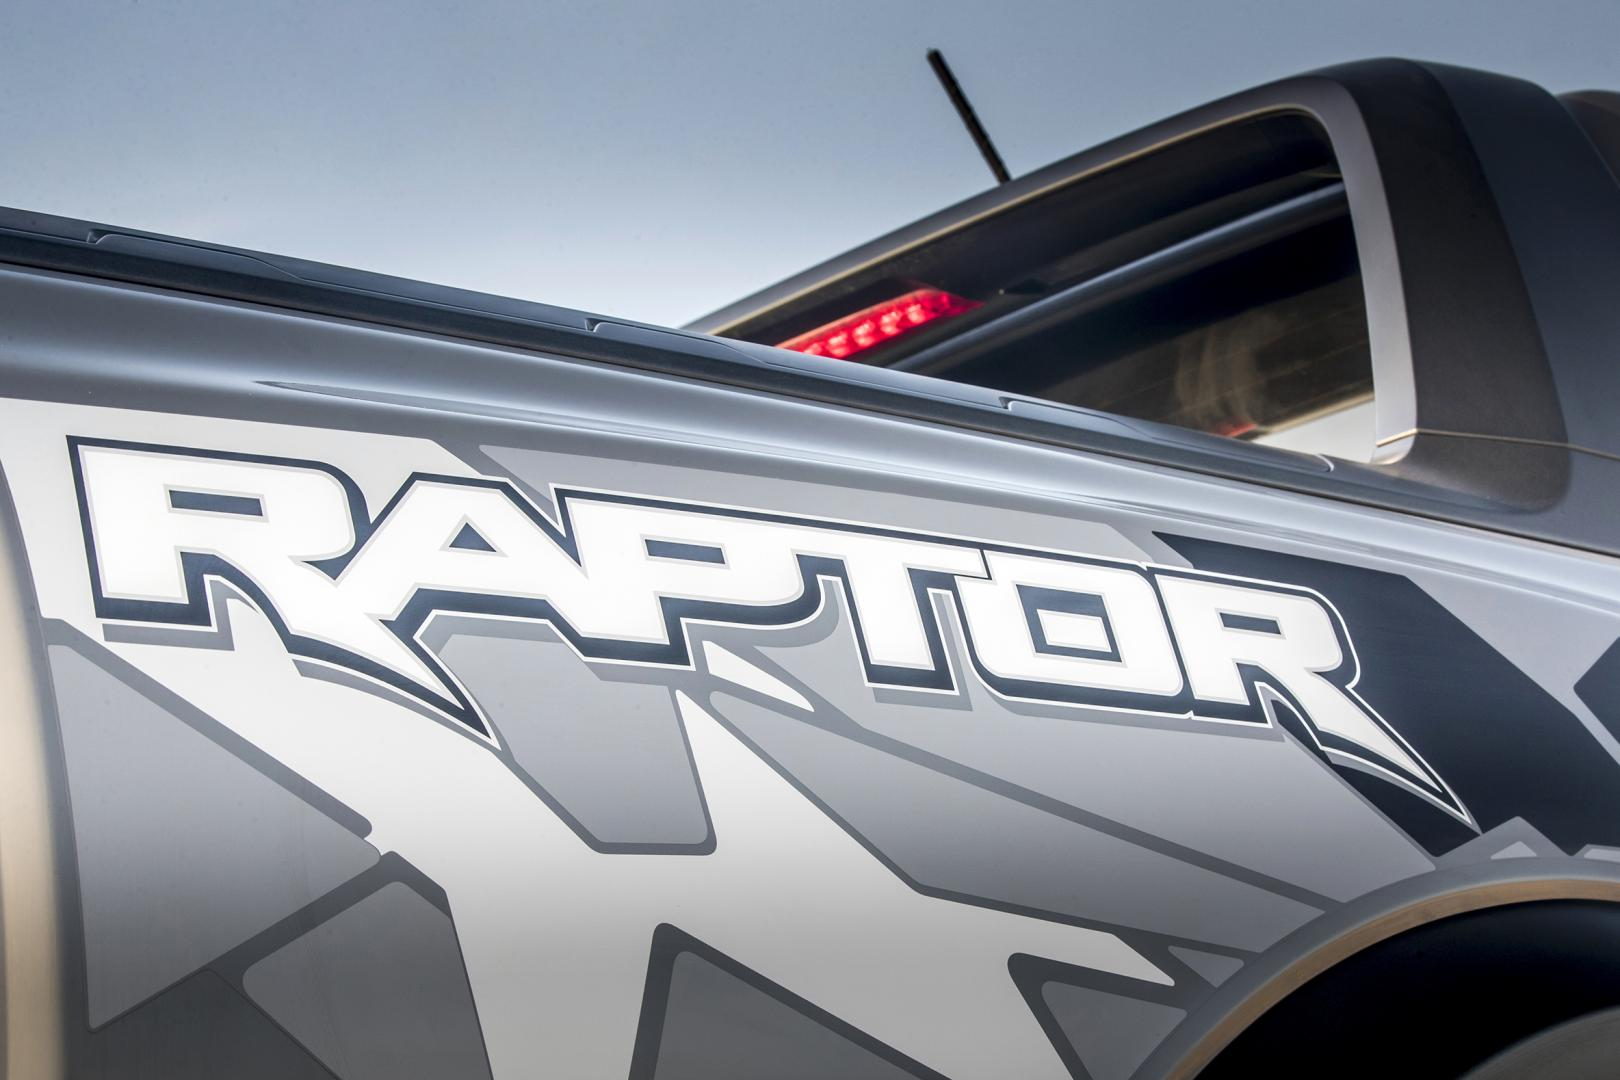 Ford Ranger Raptor sticker